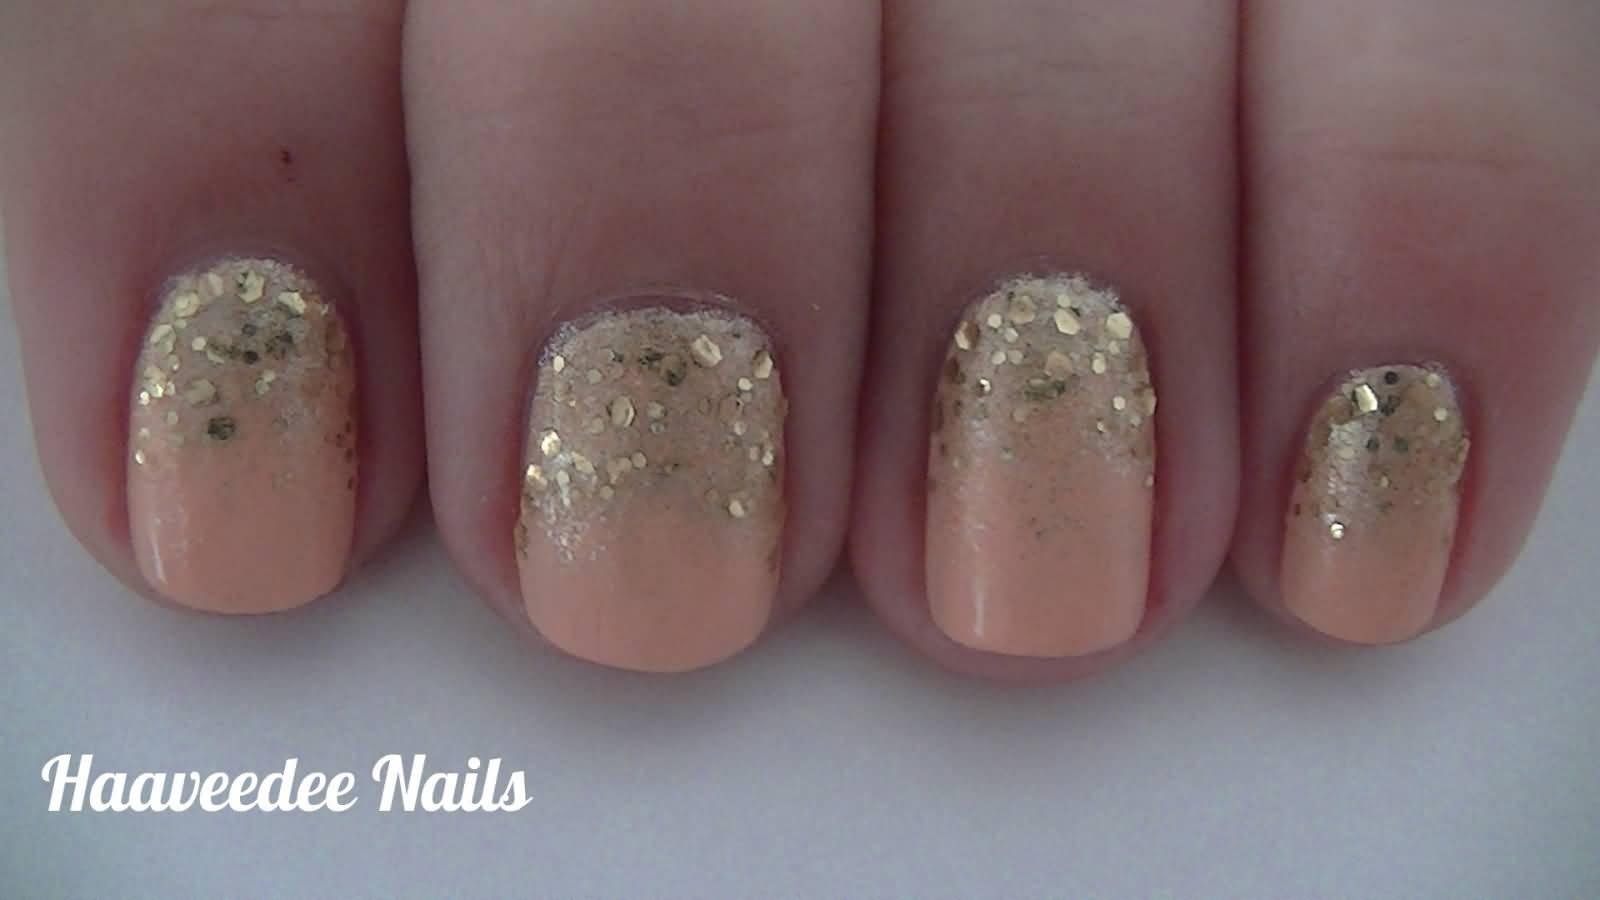 Blue glitter ombr 233 stiletto nails - Gold Glitter Gradient Nail Art 24 Glitter Nail Art Ideas Tutorials For Glitter Nail Designs On A6e6fd3343384b5872895e7ef96a010f Blue Glitter Ombre